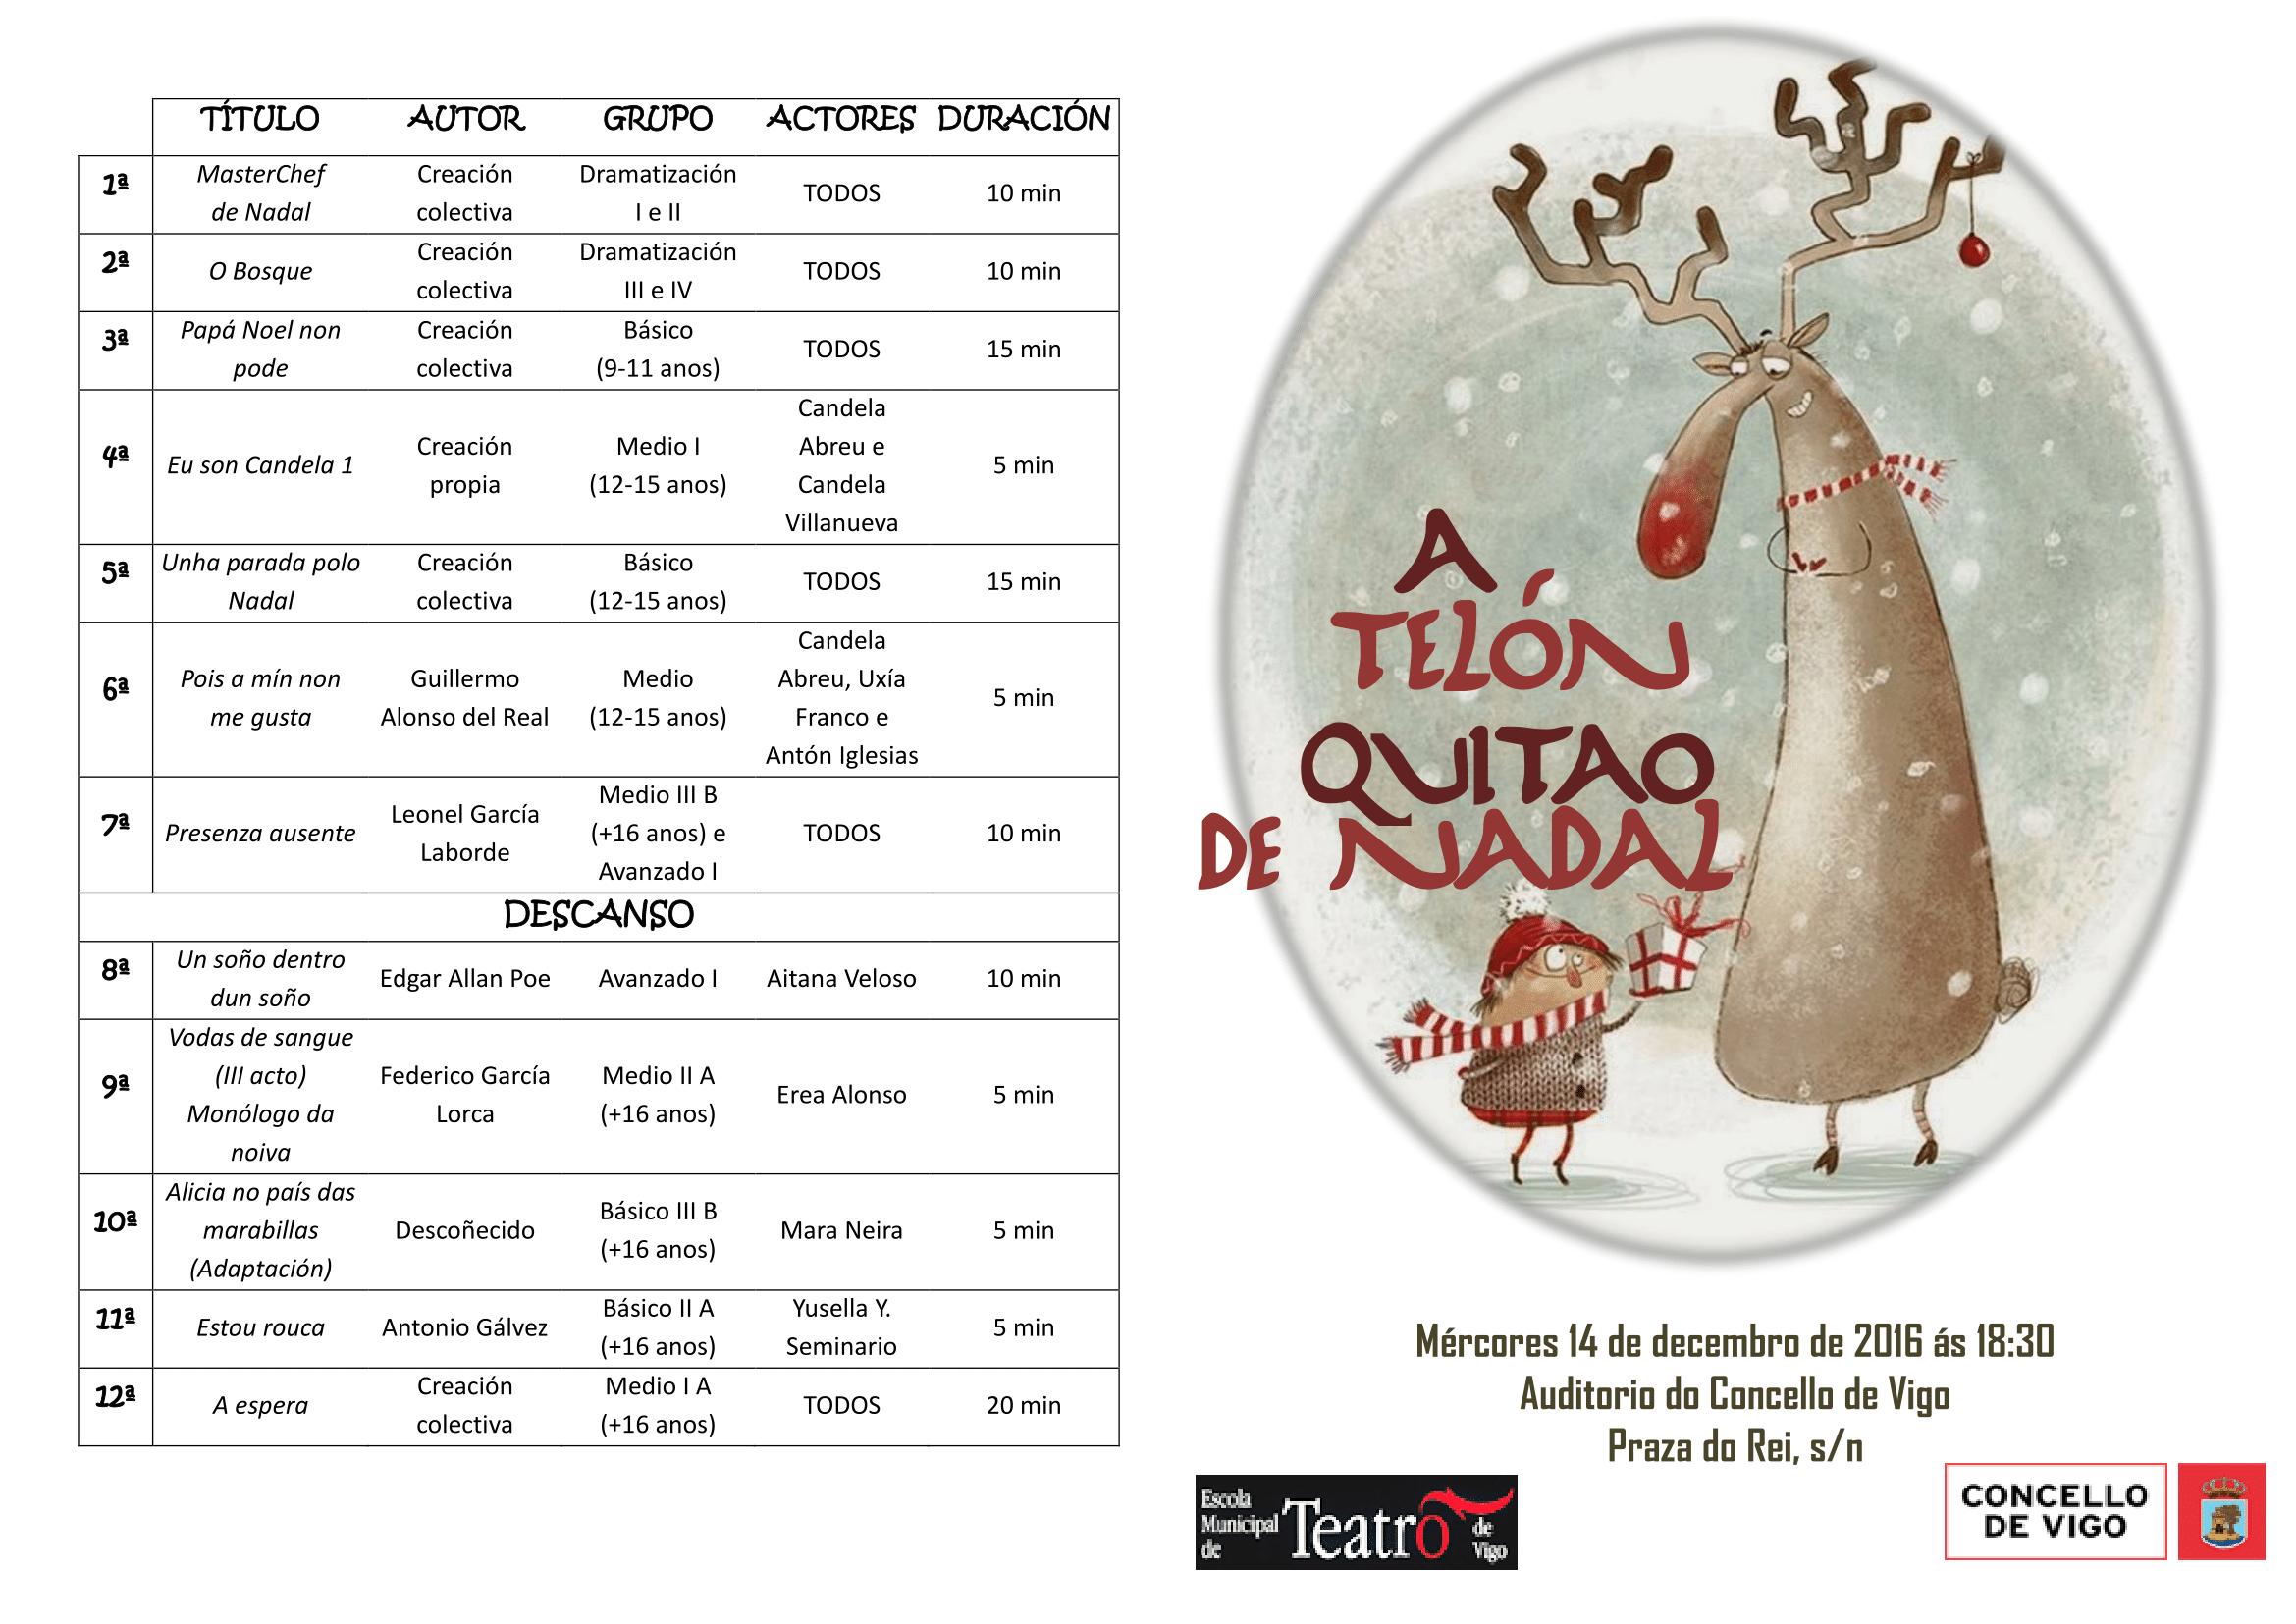 Telón Quitao 2016 WEB (Galego)